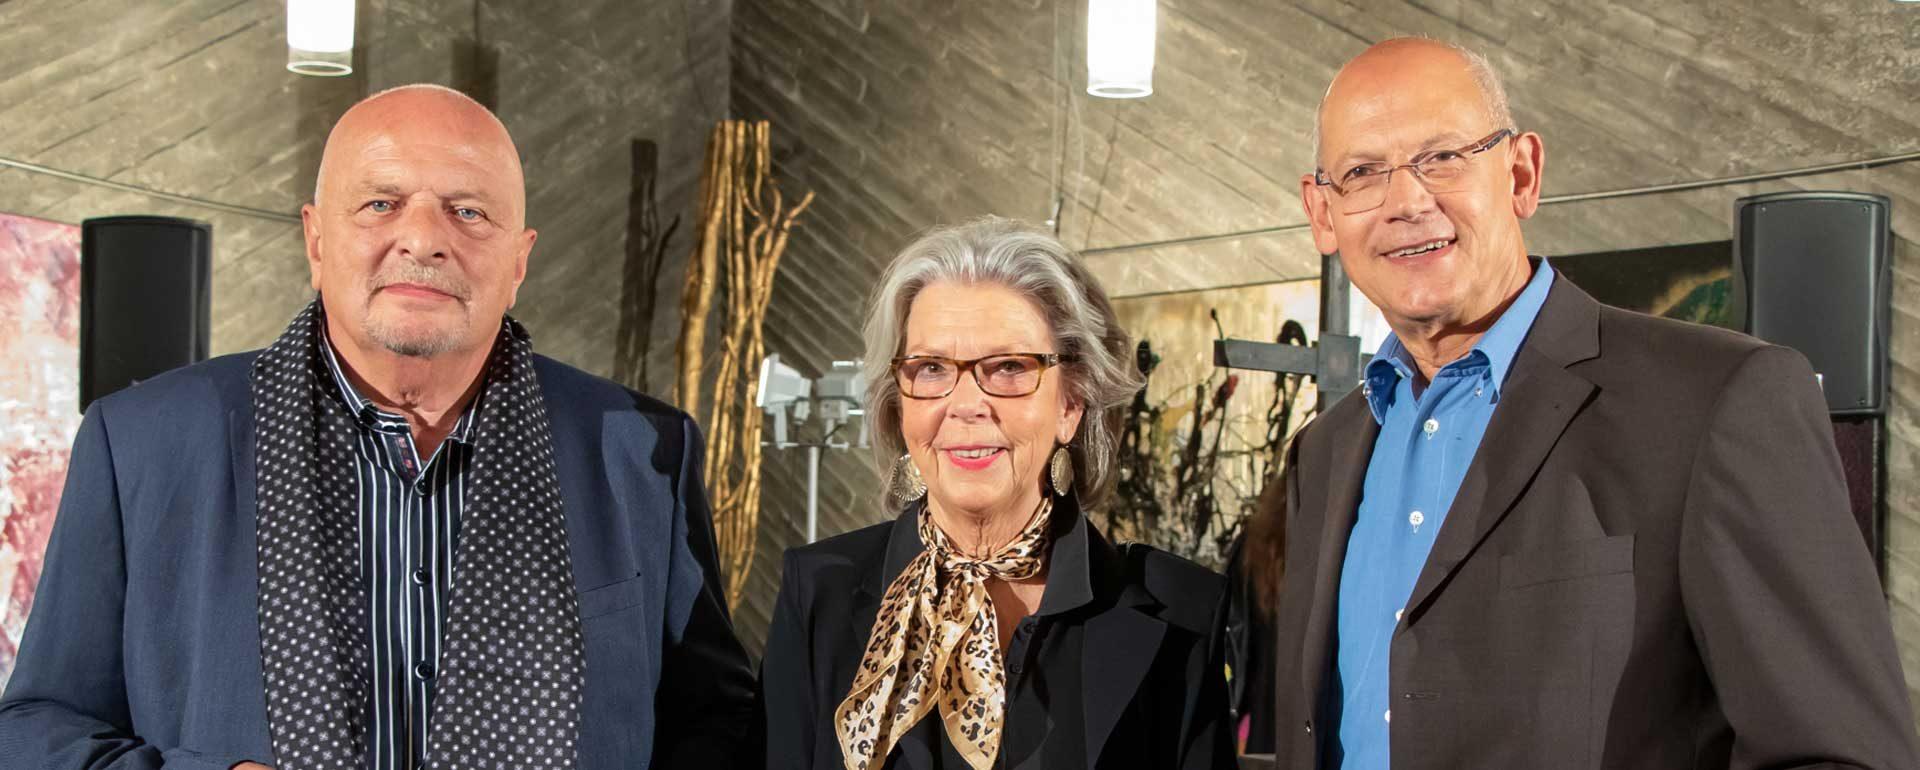 Ati von Gallwitz, Manfred Dahmen Alexander Ivo Franz Kulturkirche Ost Köln GAG